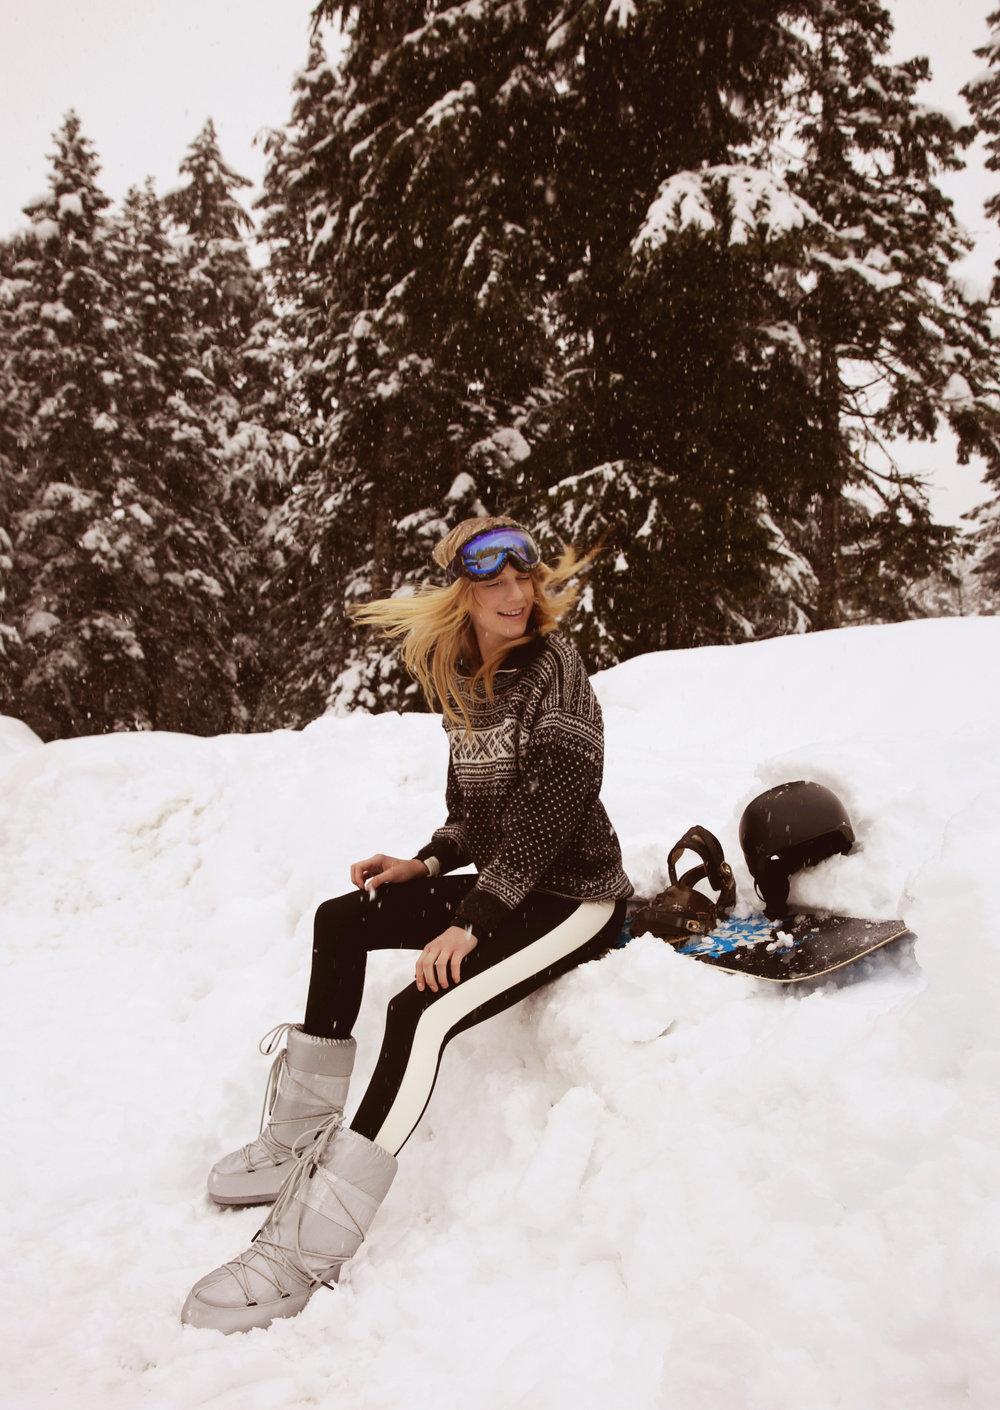 EmilieEvander-ski-19.jpg